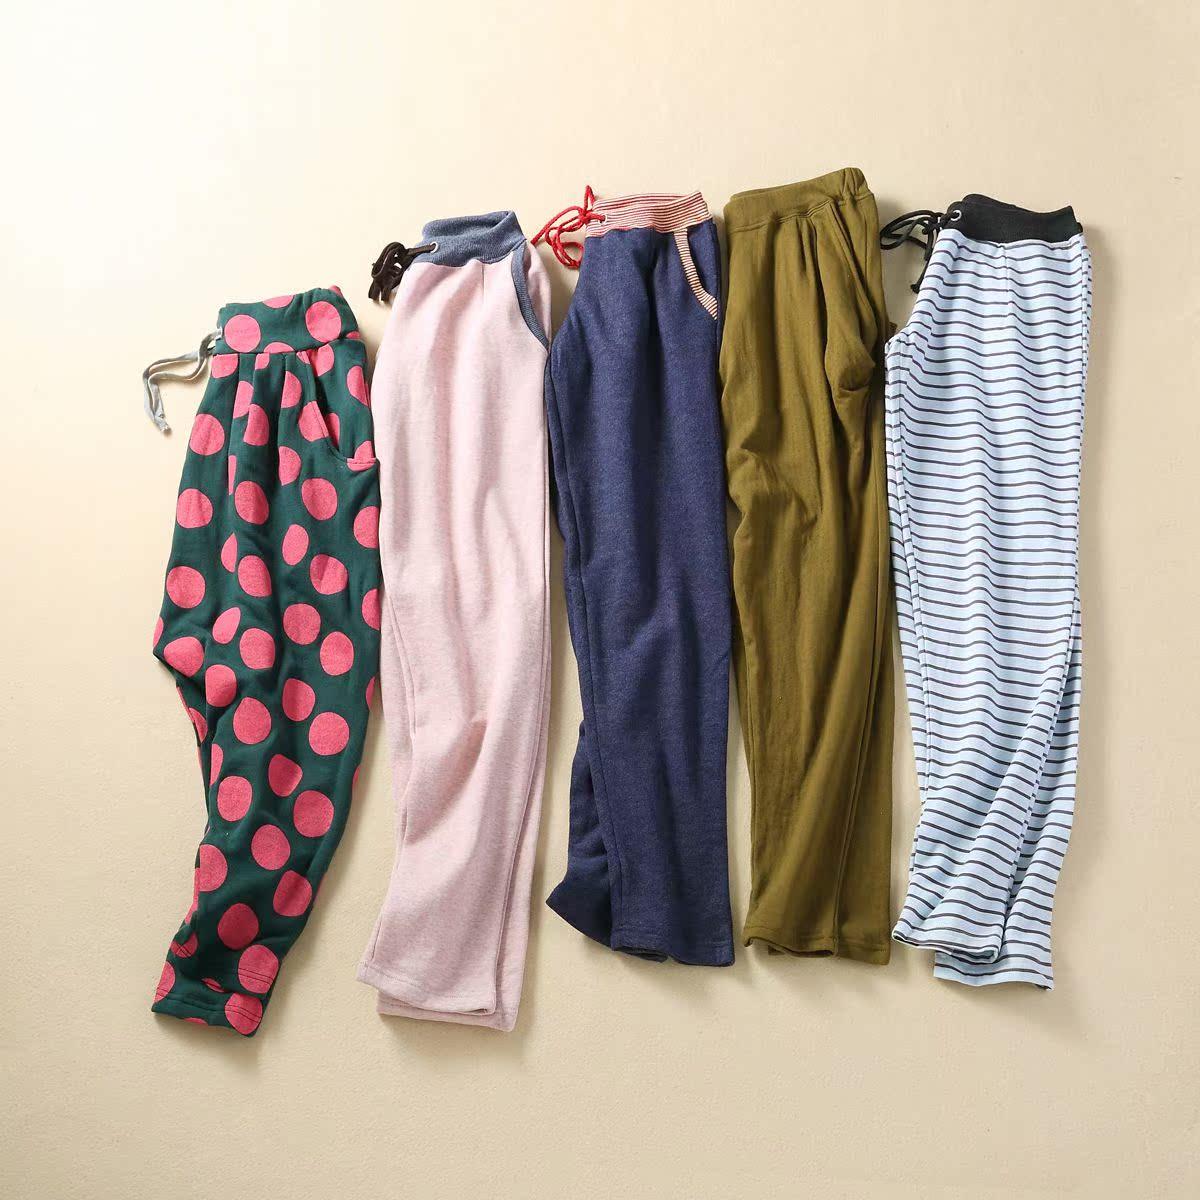 Внешняя торговля оригинальный контраст талии упругие талии галстук талии хлопок платье круг волна полосы девять брюках 0,3